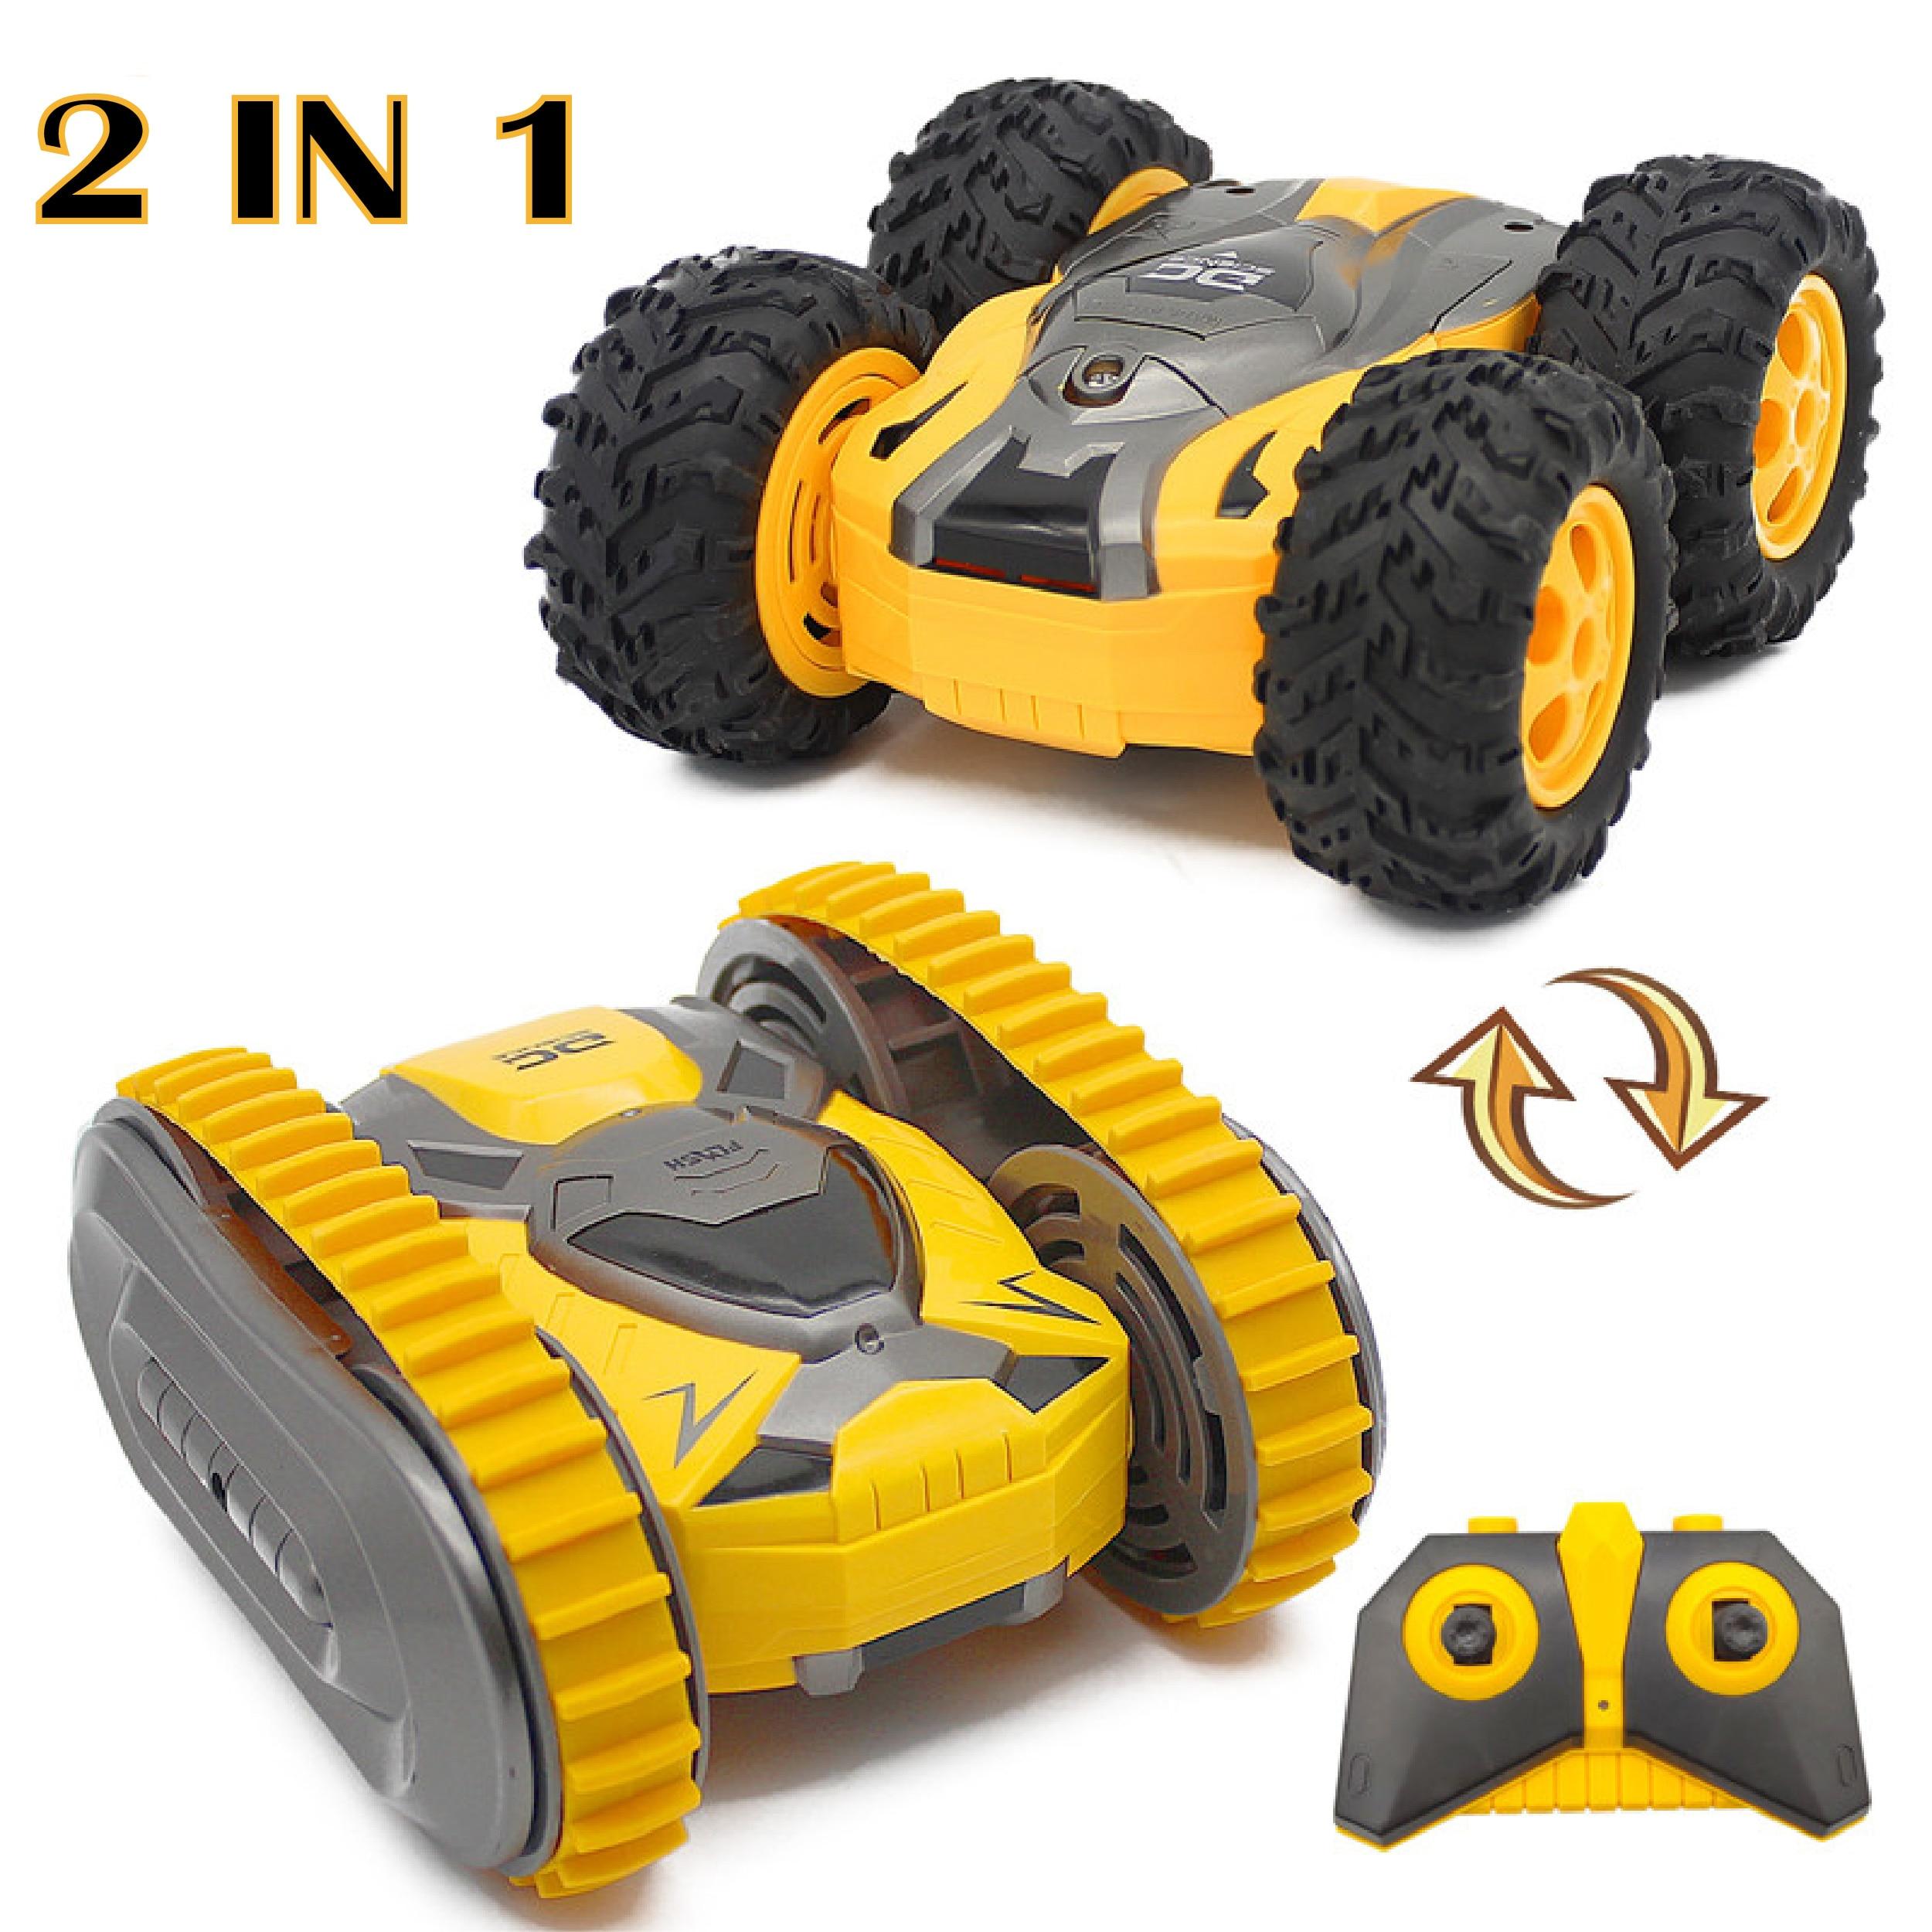 RC coche Mini truco de dos lados Drift Buggy coche 2,4G Crawler Roll Radio Control remoto coche 360 rotación voltear vehículo niño juguete para regalo Envío Gratis, Red, 10mW, minilocalizador de mano, probador de cables de fibra óptica VFL, comprobador de rotura de fibra óptica, 12Km